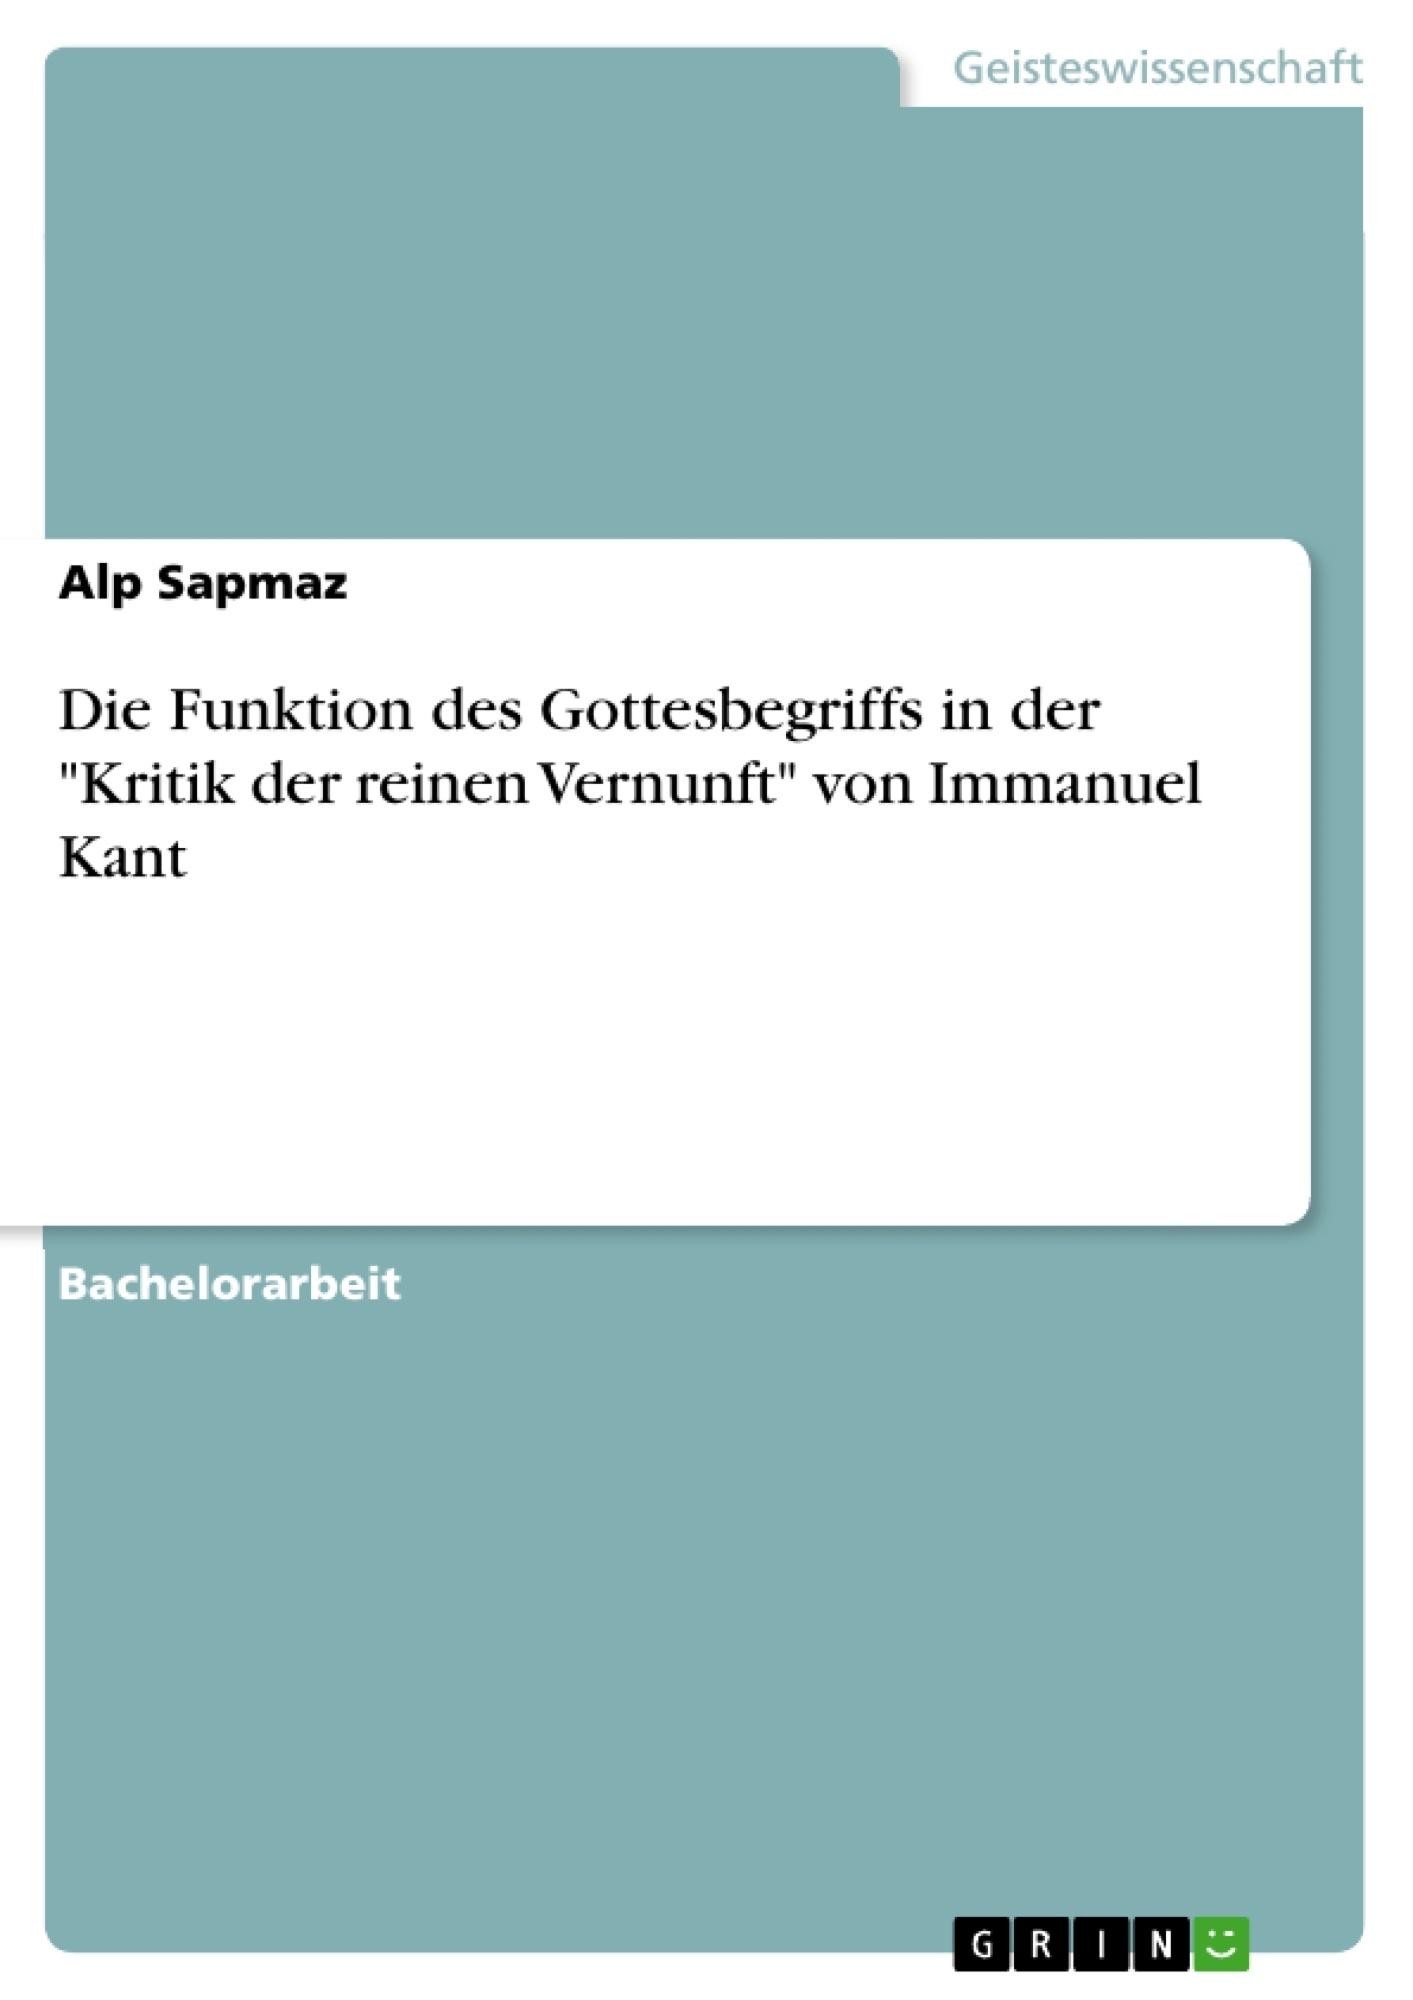 """Titel: Die Funktion des Gottesbegriffs in der """"Kritik der reinen Vernunft"""" von Immanuel Kant"""